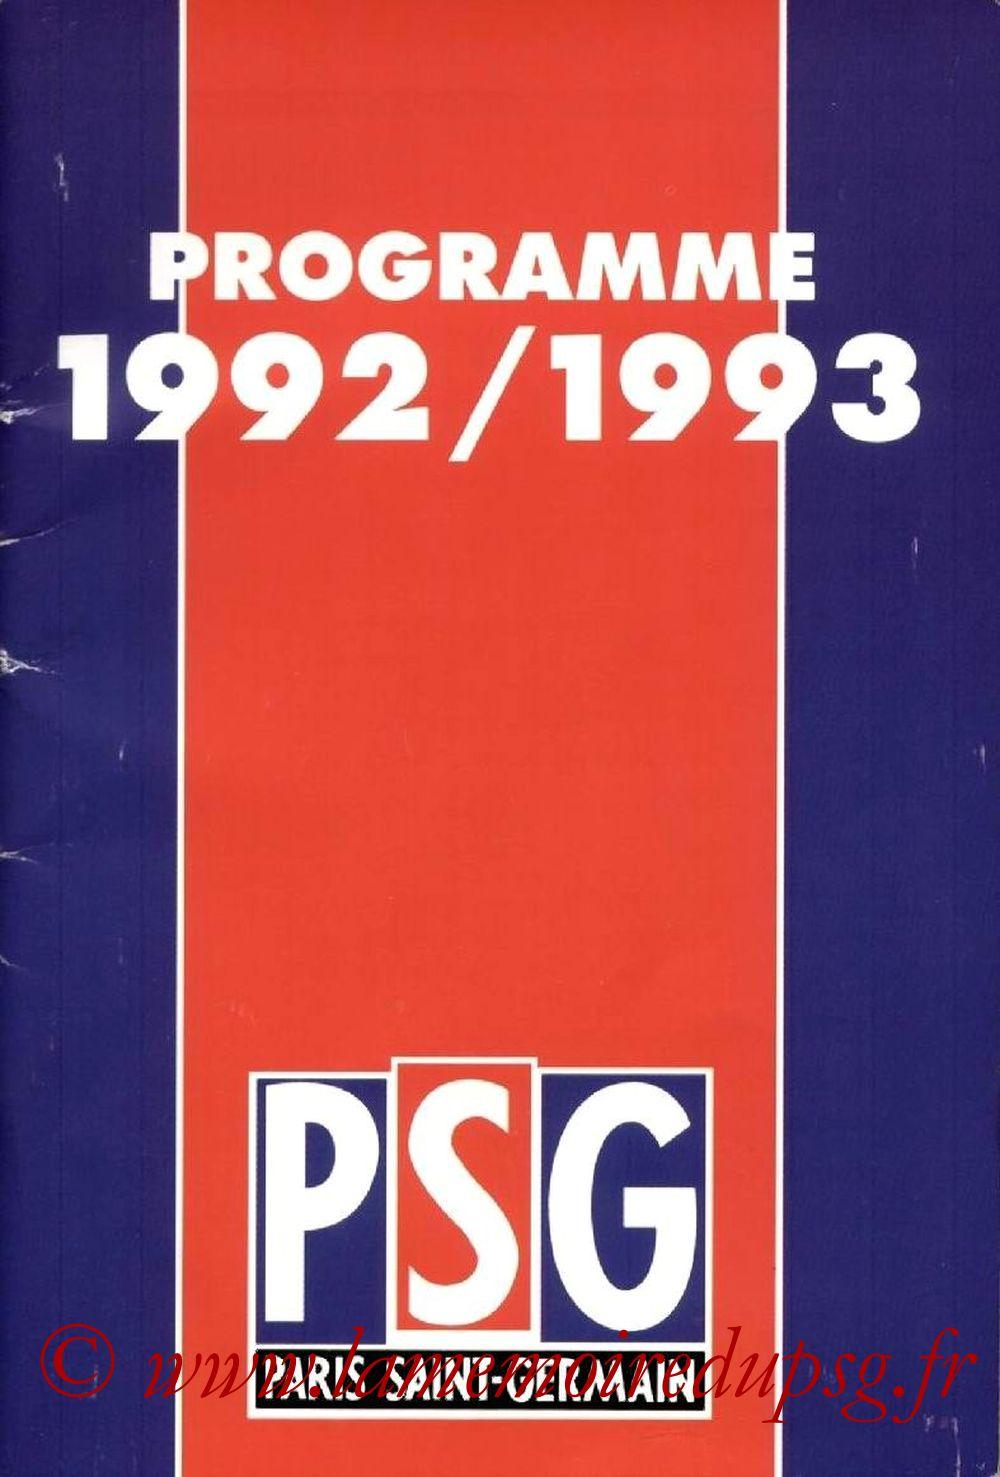 1992-93 - Guide de la Saison PSG